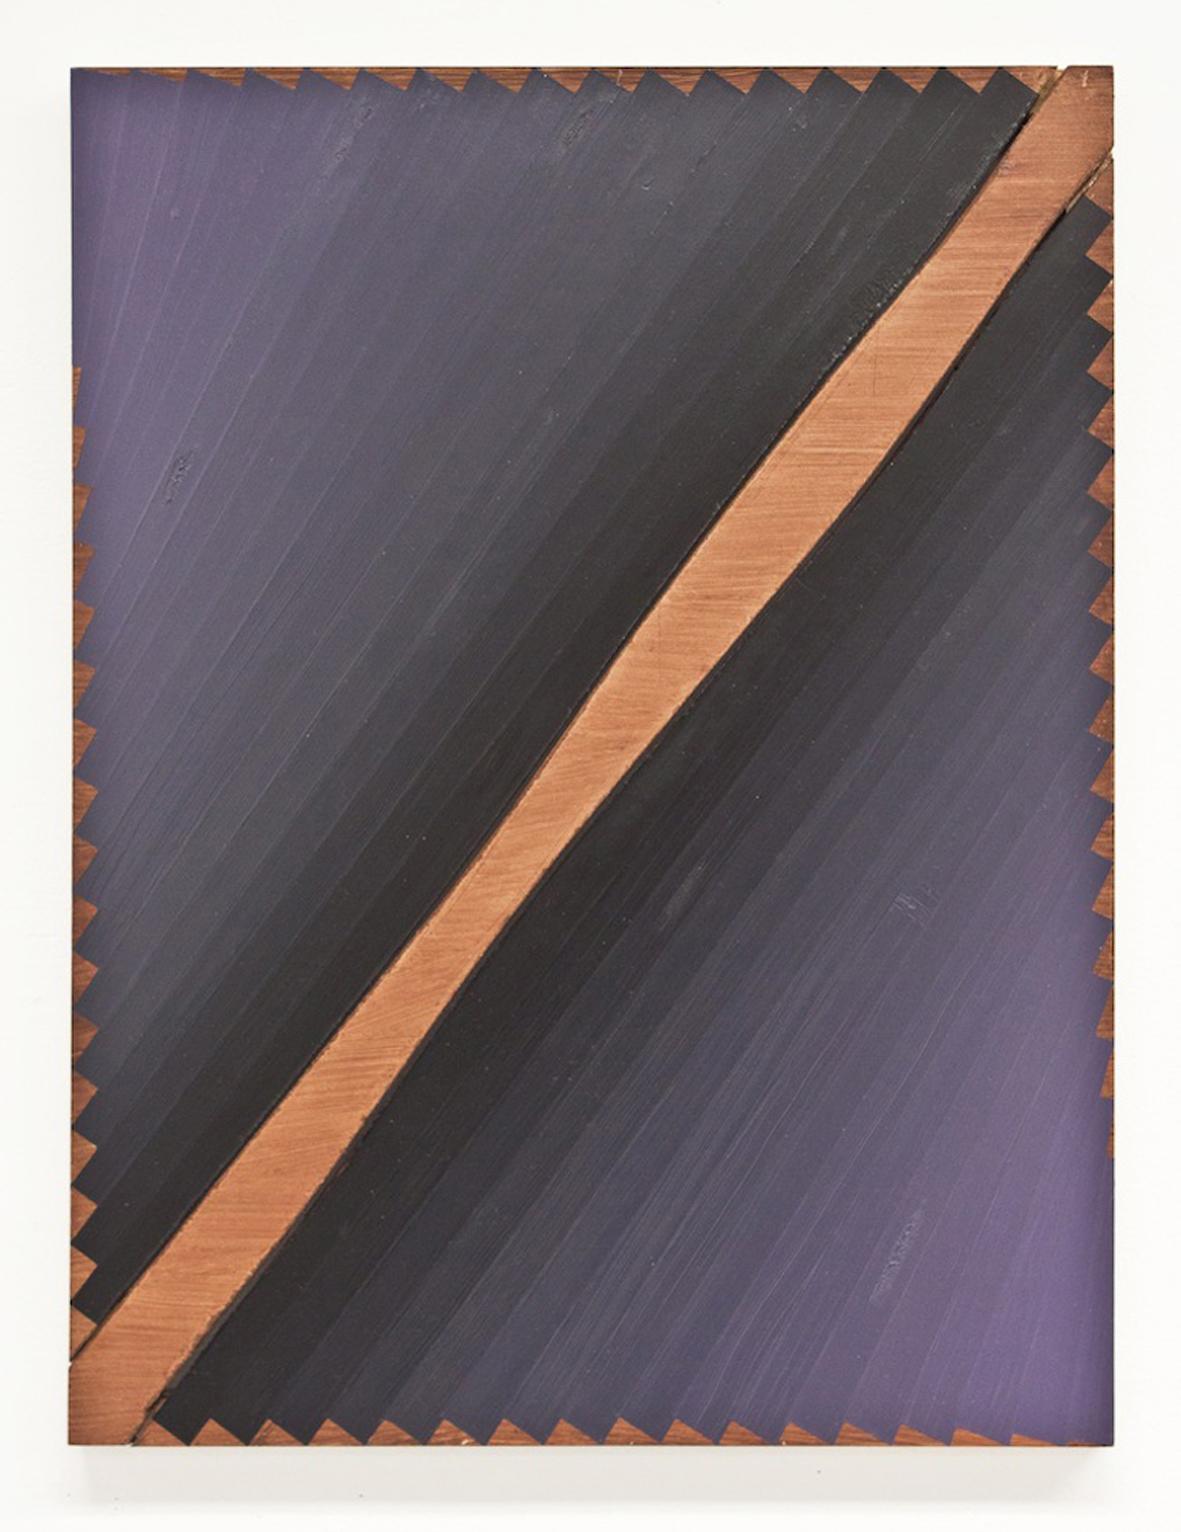 Untitled  Acrylic on masonite  24 x 18 inches  2011